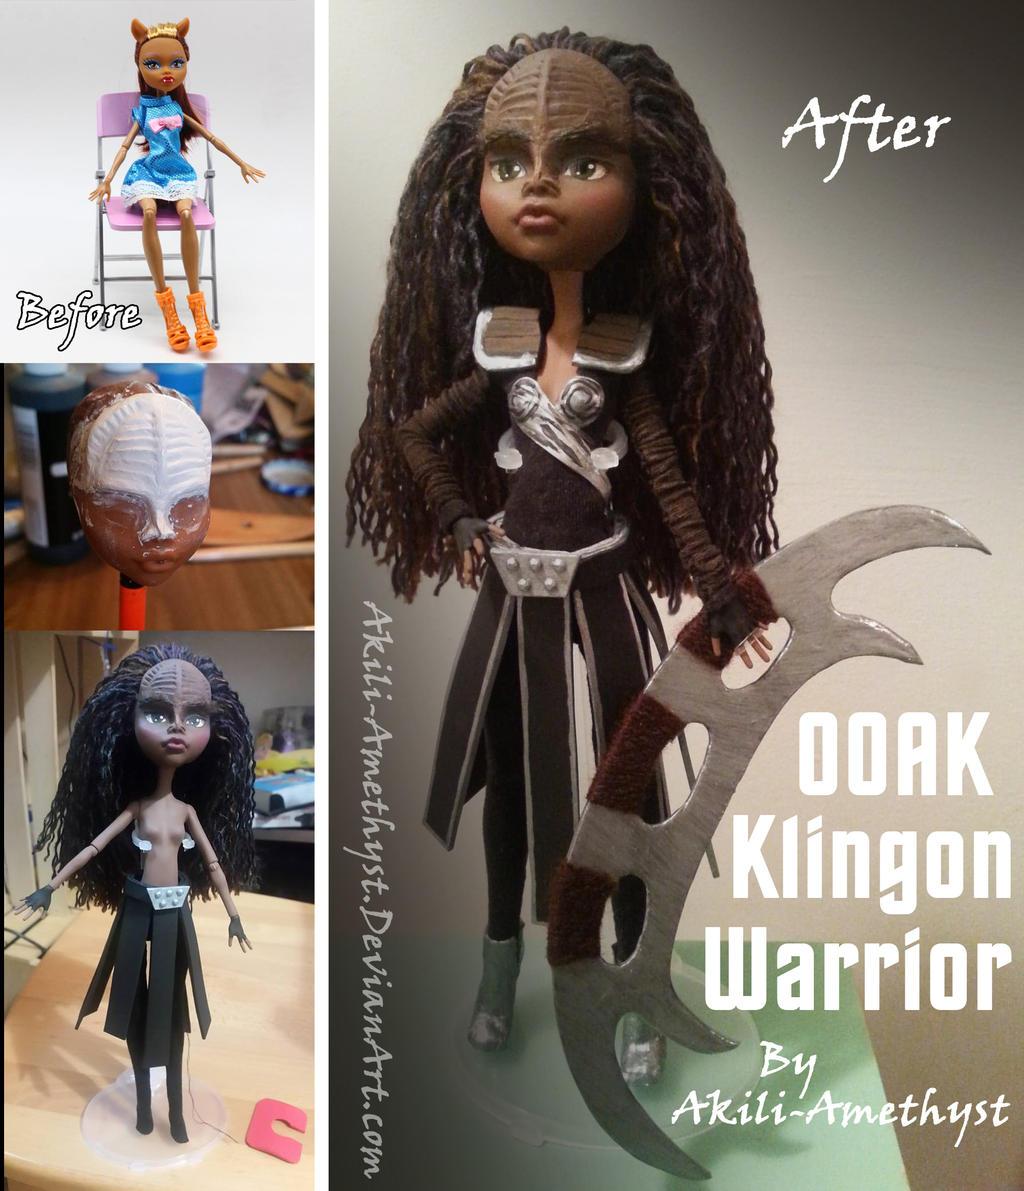 Cimmerian Dolls Ooak_klingon_doll__progression__by_akili_amethyst_dcrv7tq-fullview.jpg?token=eyJ0eXAiOiJKV1QiLCJhbGciOiJIUzI1NiJ9.eyJzdWIiOiJ1cm46YXBwOjdlMGQxODg5ODIyNjQzNzNhNWYwZDQxNWVhMGQyNmUwIiwiaXNzIjoidXJuOmFwcDo3ZTBkMTg4OTgyMjY0MzczYTVmMGQ0MTVlYTBkMjZlMCIsIm9iaiI6W1t7ImhlaWdodCI6Ijw9MTE5MSIsInBhdGgiOiJcL2ZcLzUzNGEyY2NlLWU0ZjUtNDExNi04MTc0LWFmZmVjNjMxYzU3NVwvZGNydjd0cS0xZjUzODViOC05ZTQ3LTQ4Y2YtODM5NS0xM2FlOTBjODA3YTguanBnIiwid2lkdGgiOiI8PTEwMjQifV1dLCJhdWQiOlsidXJuOnNlcnZpY2U6aW1hZ2Uub3BlcmF0aW9ucyJdfQ